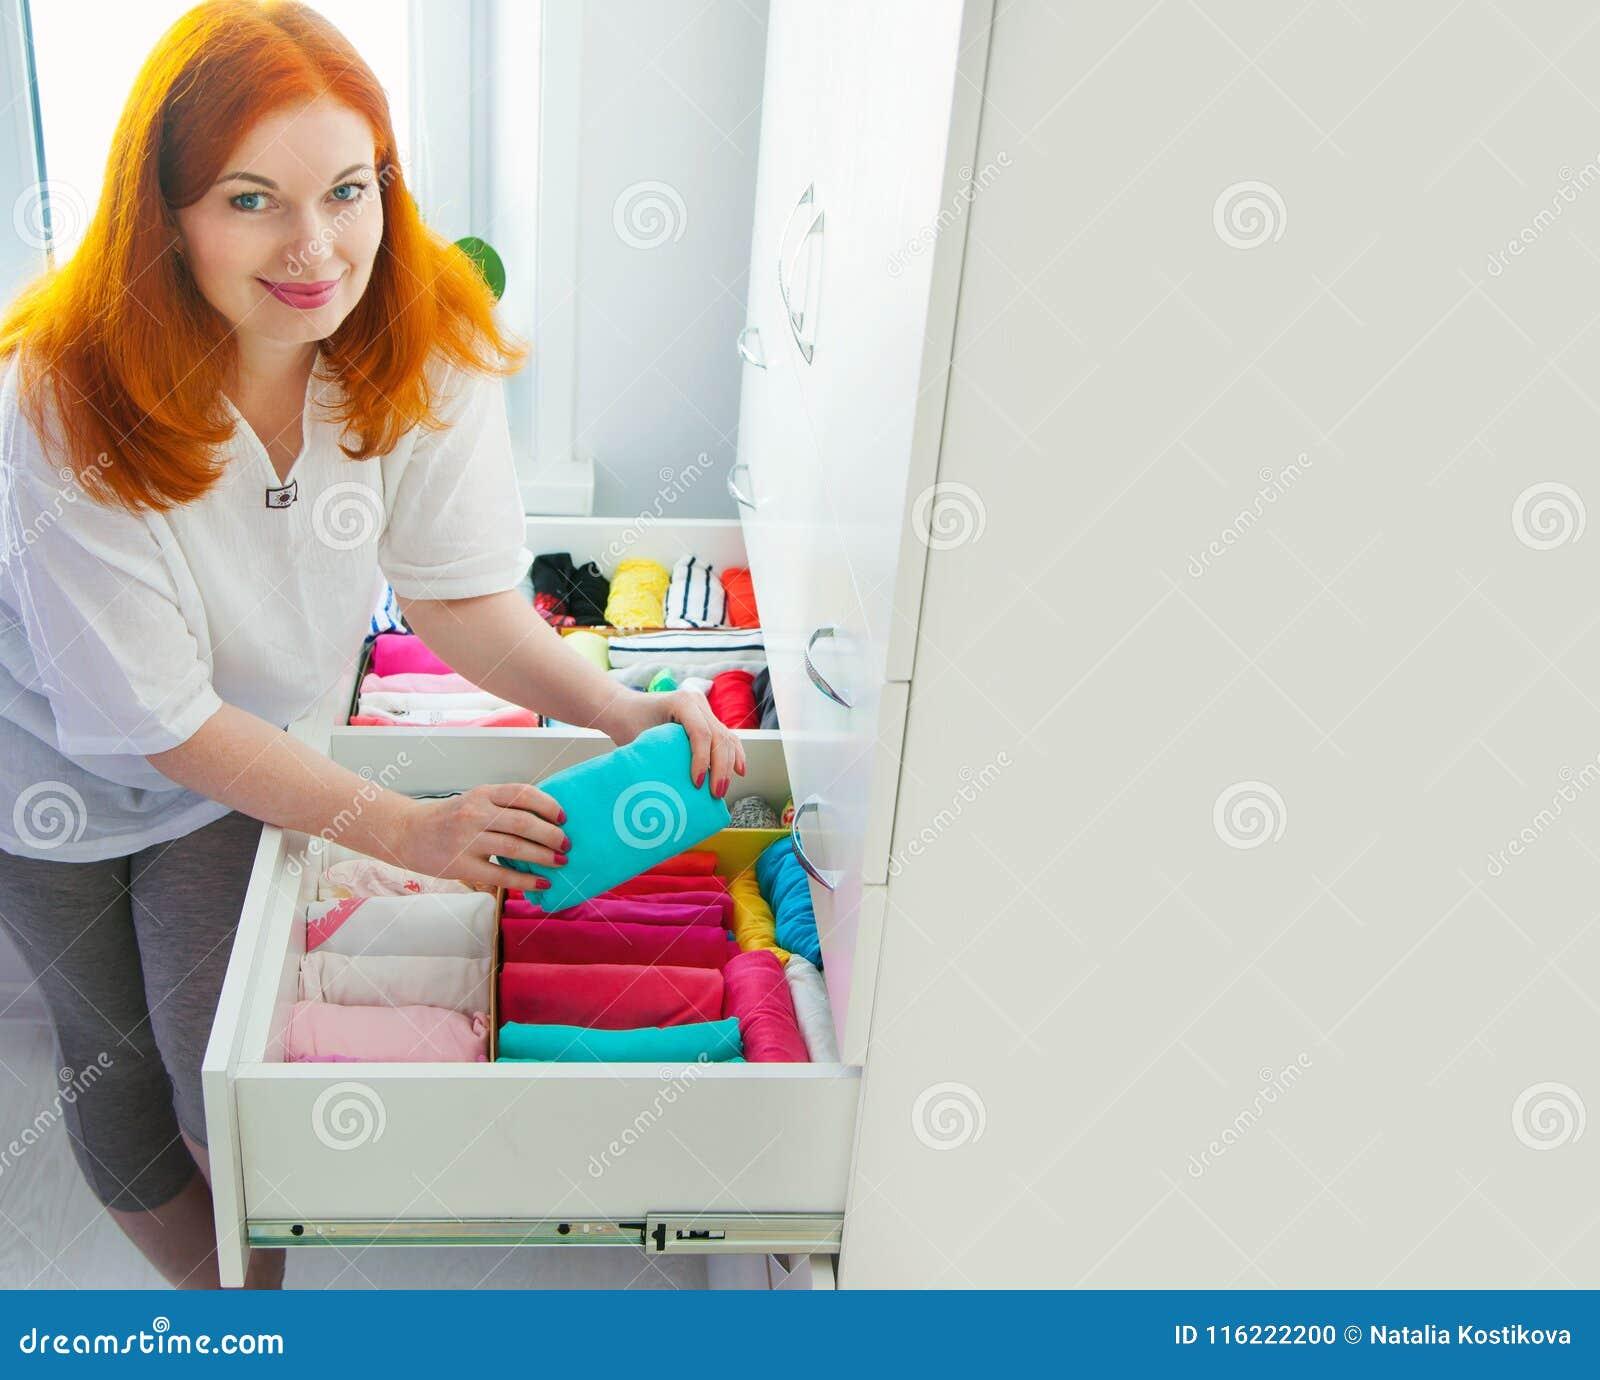 Die Frau faltet T-Shirts im Fach Eine Frau räumt Th auf